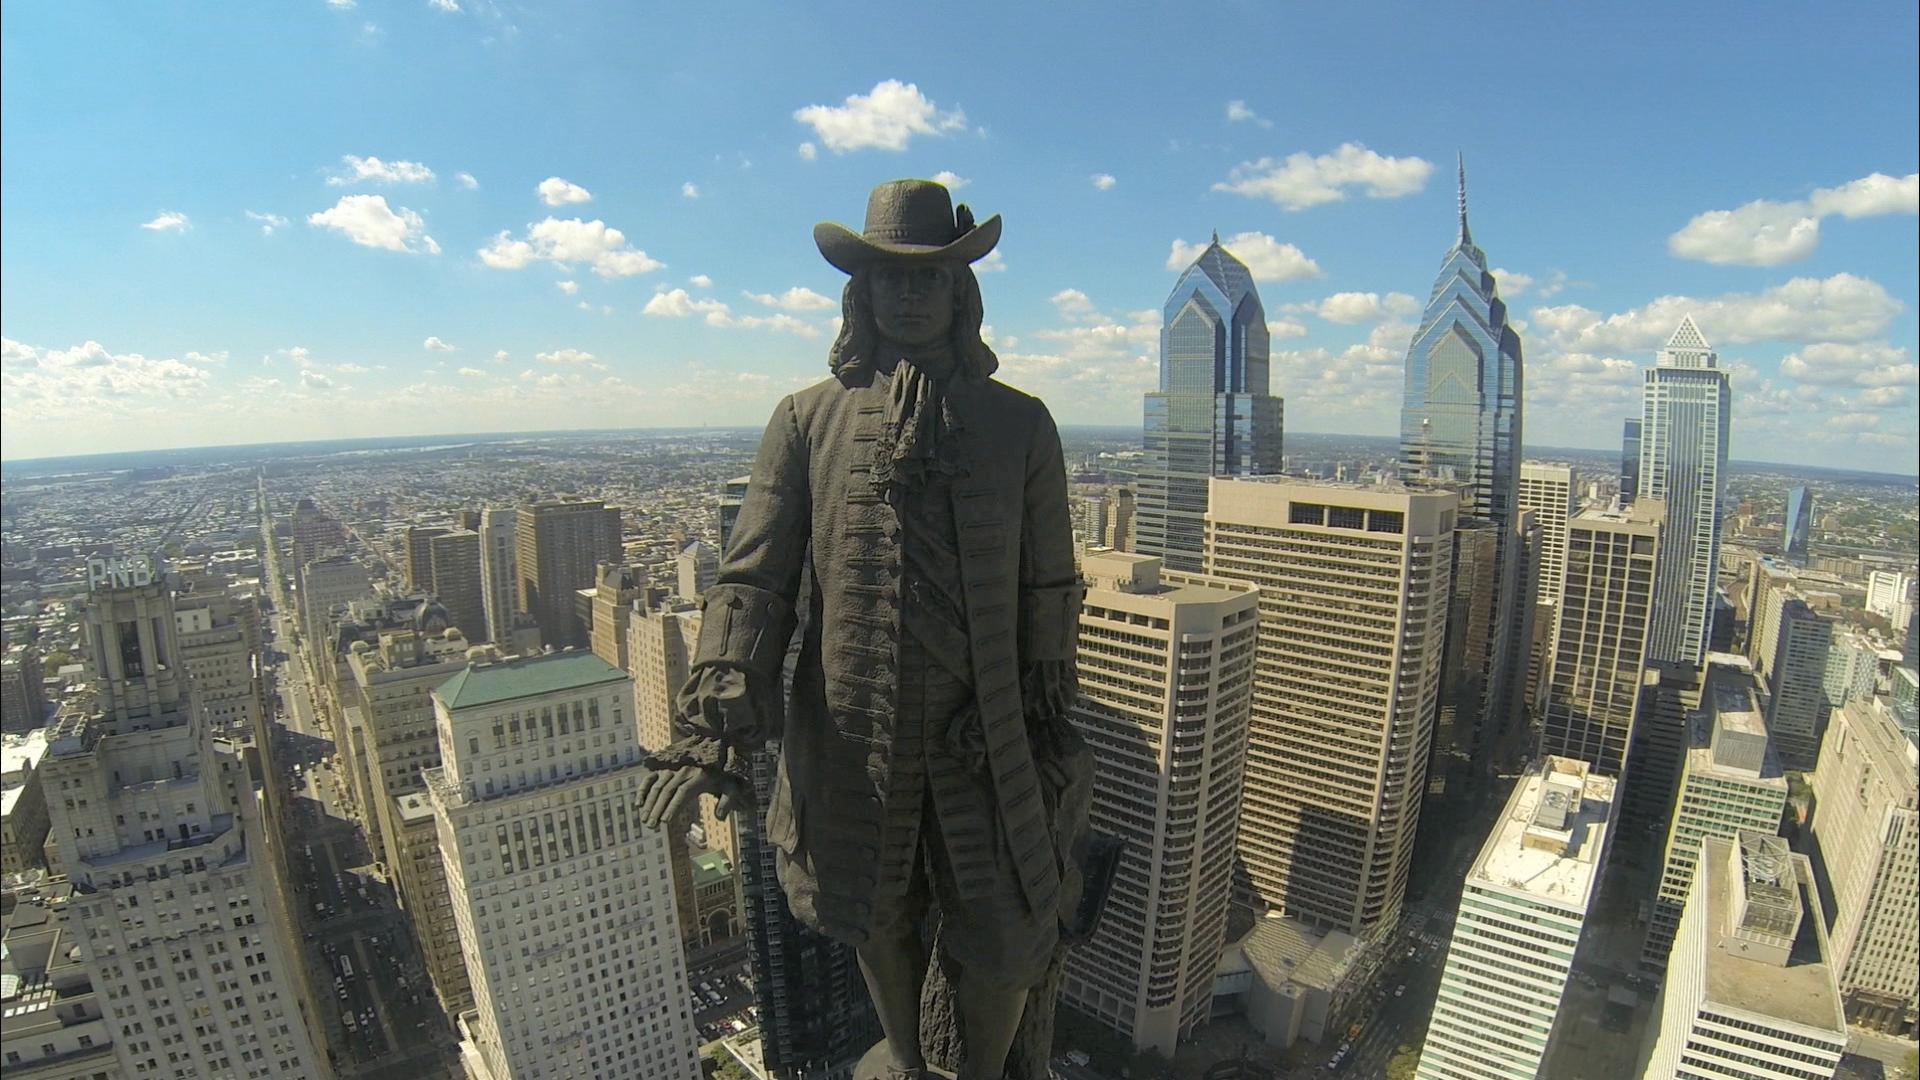 william penn statue